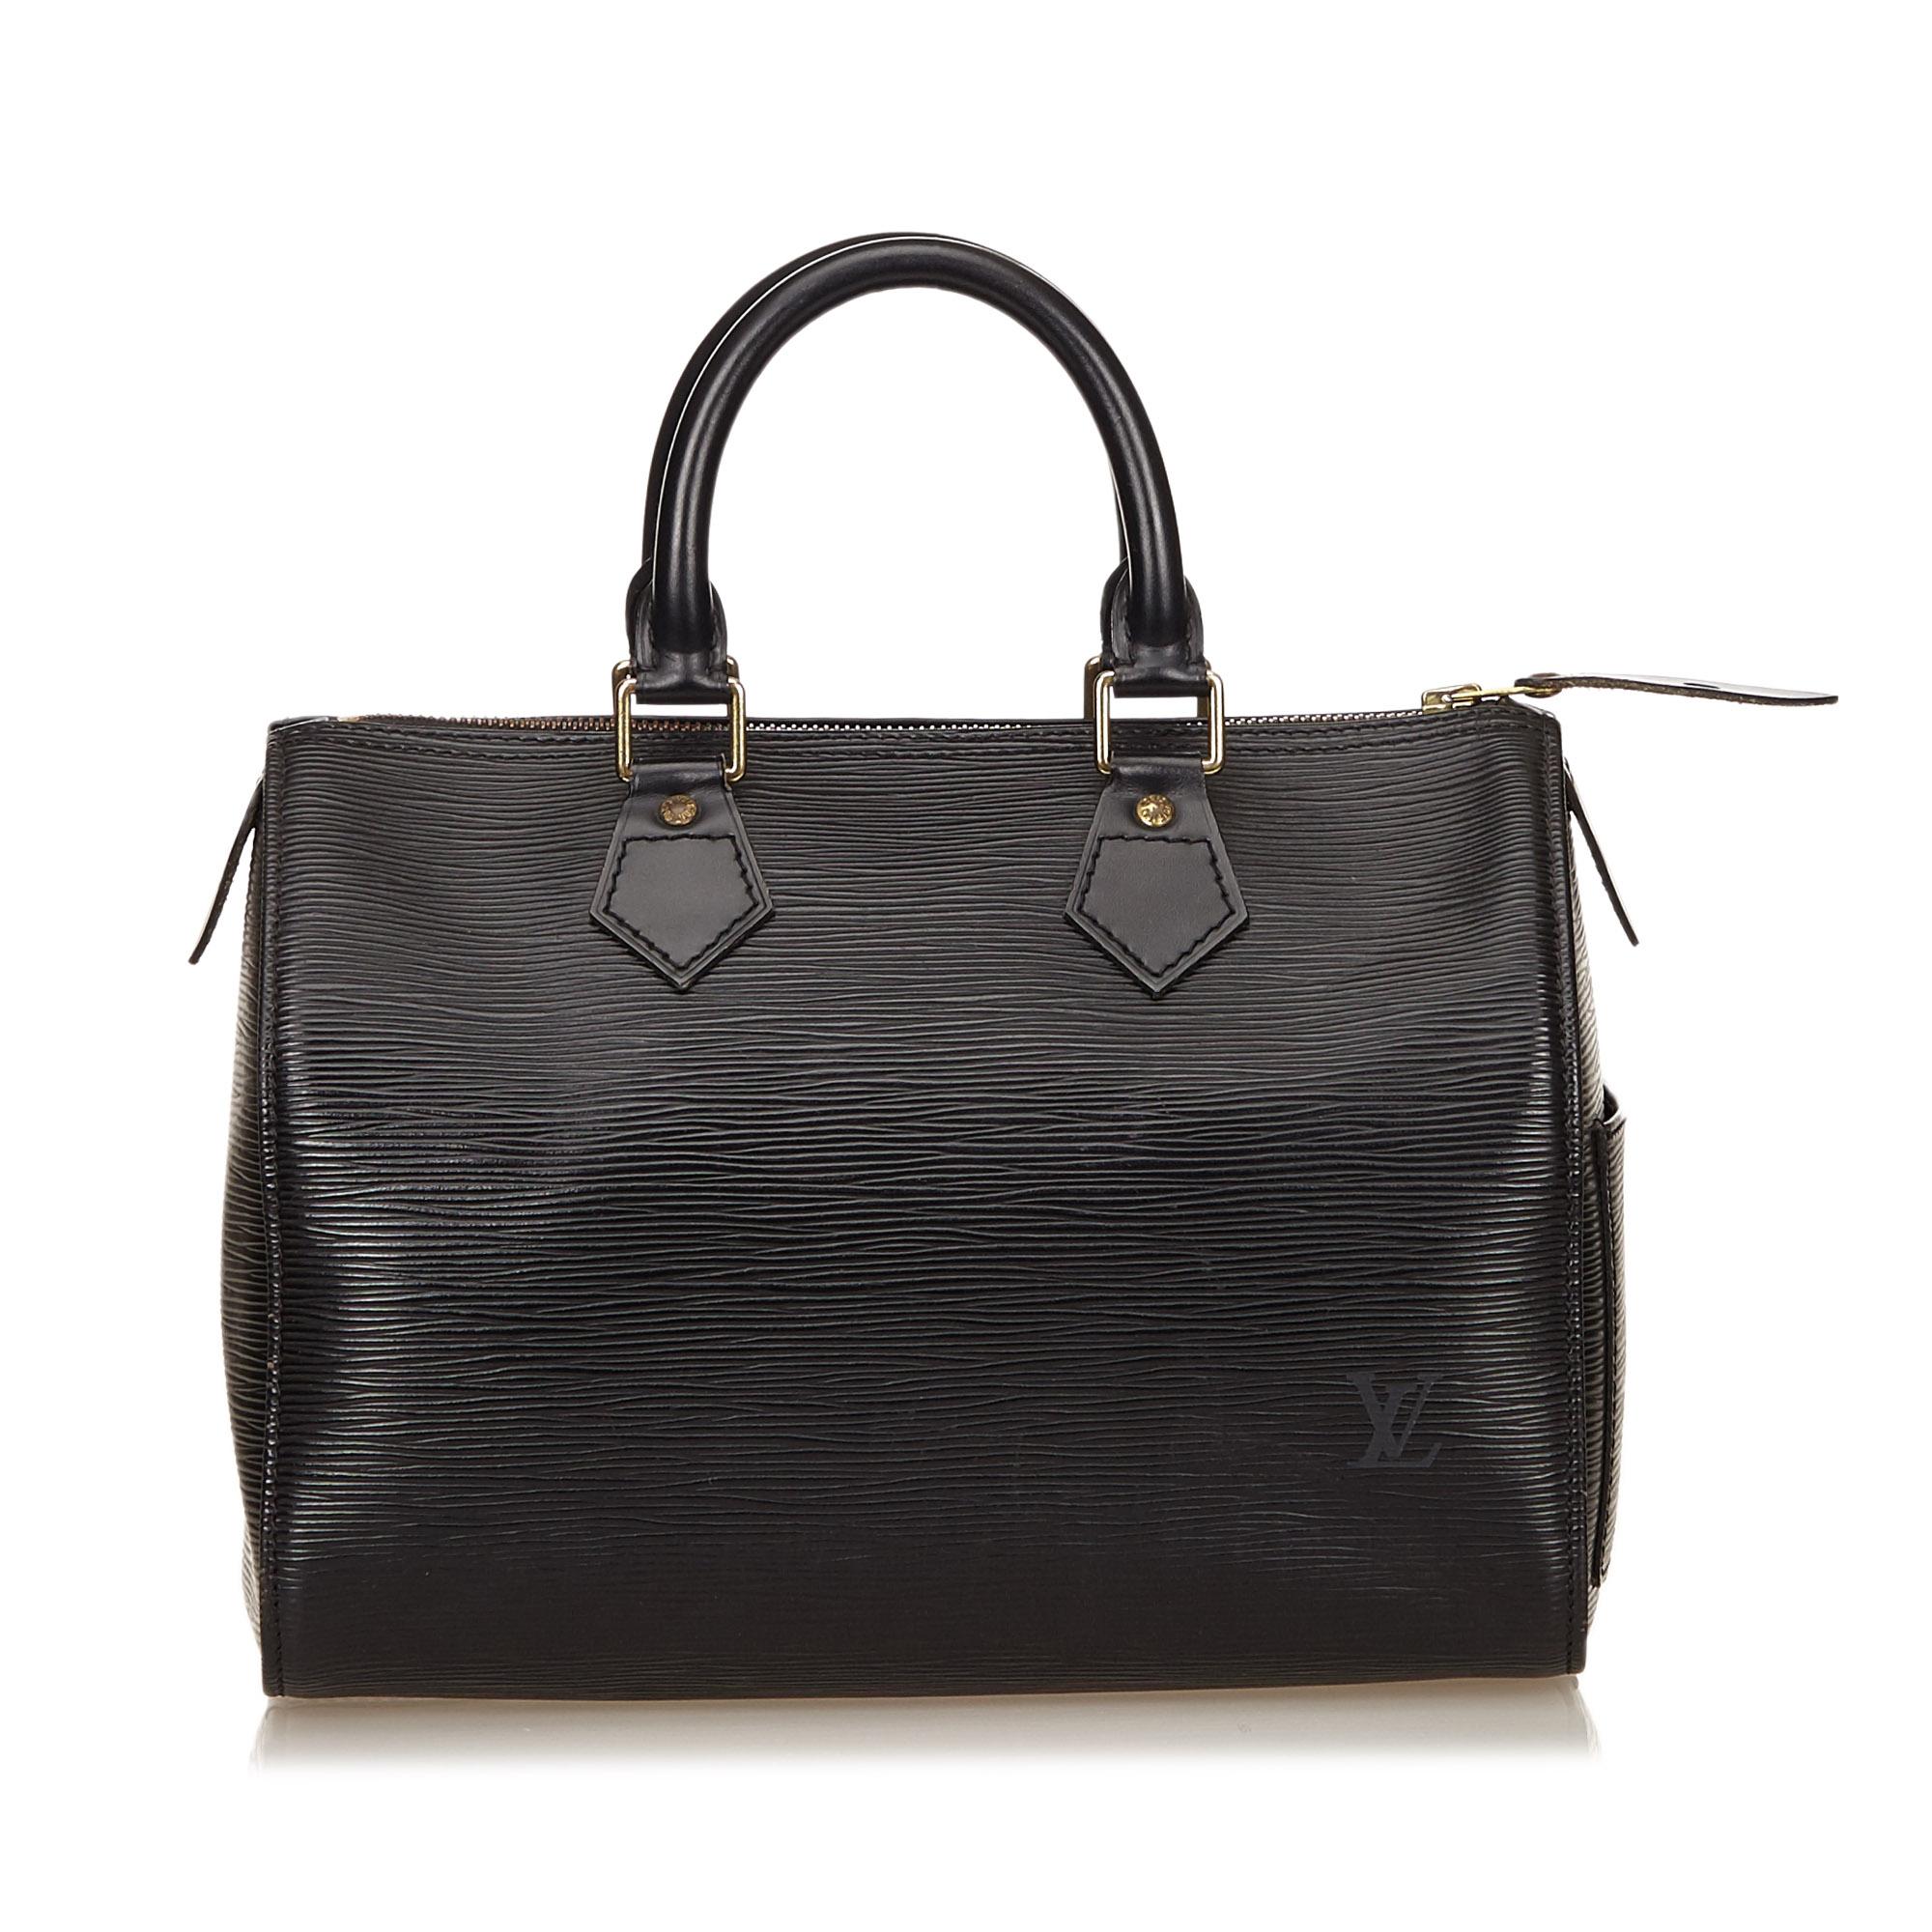 Louis Vuitton Black Epi Leather Speedy 25